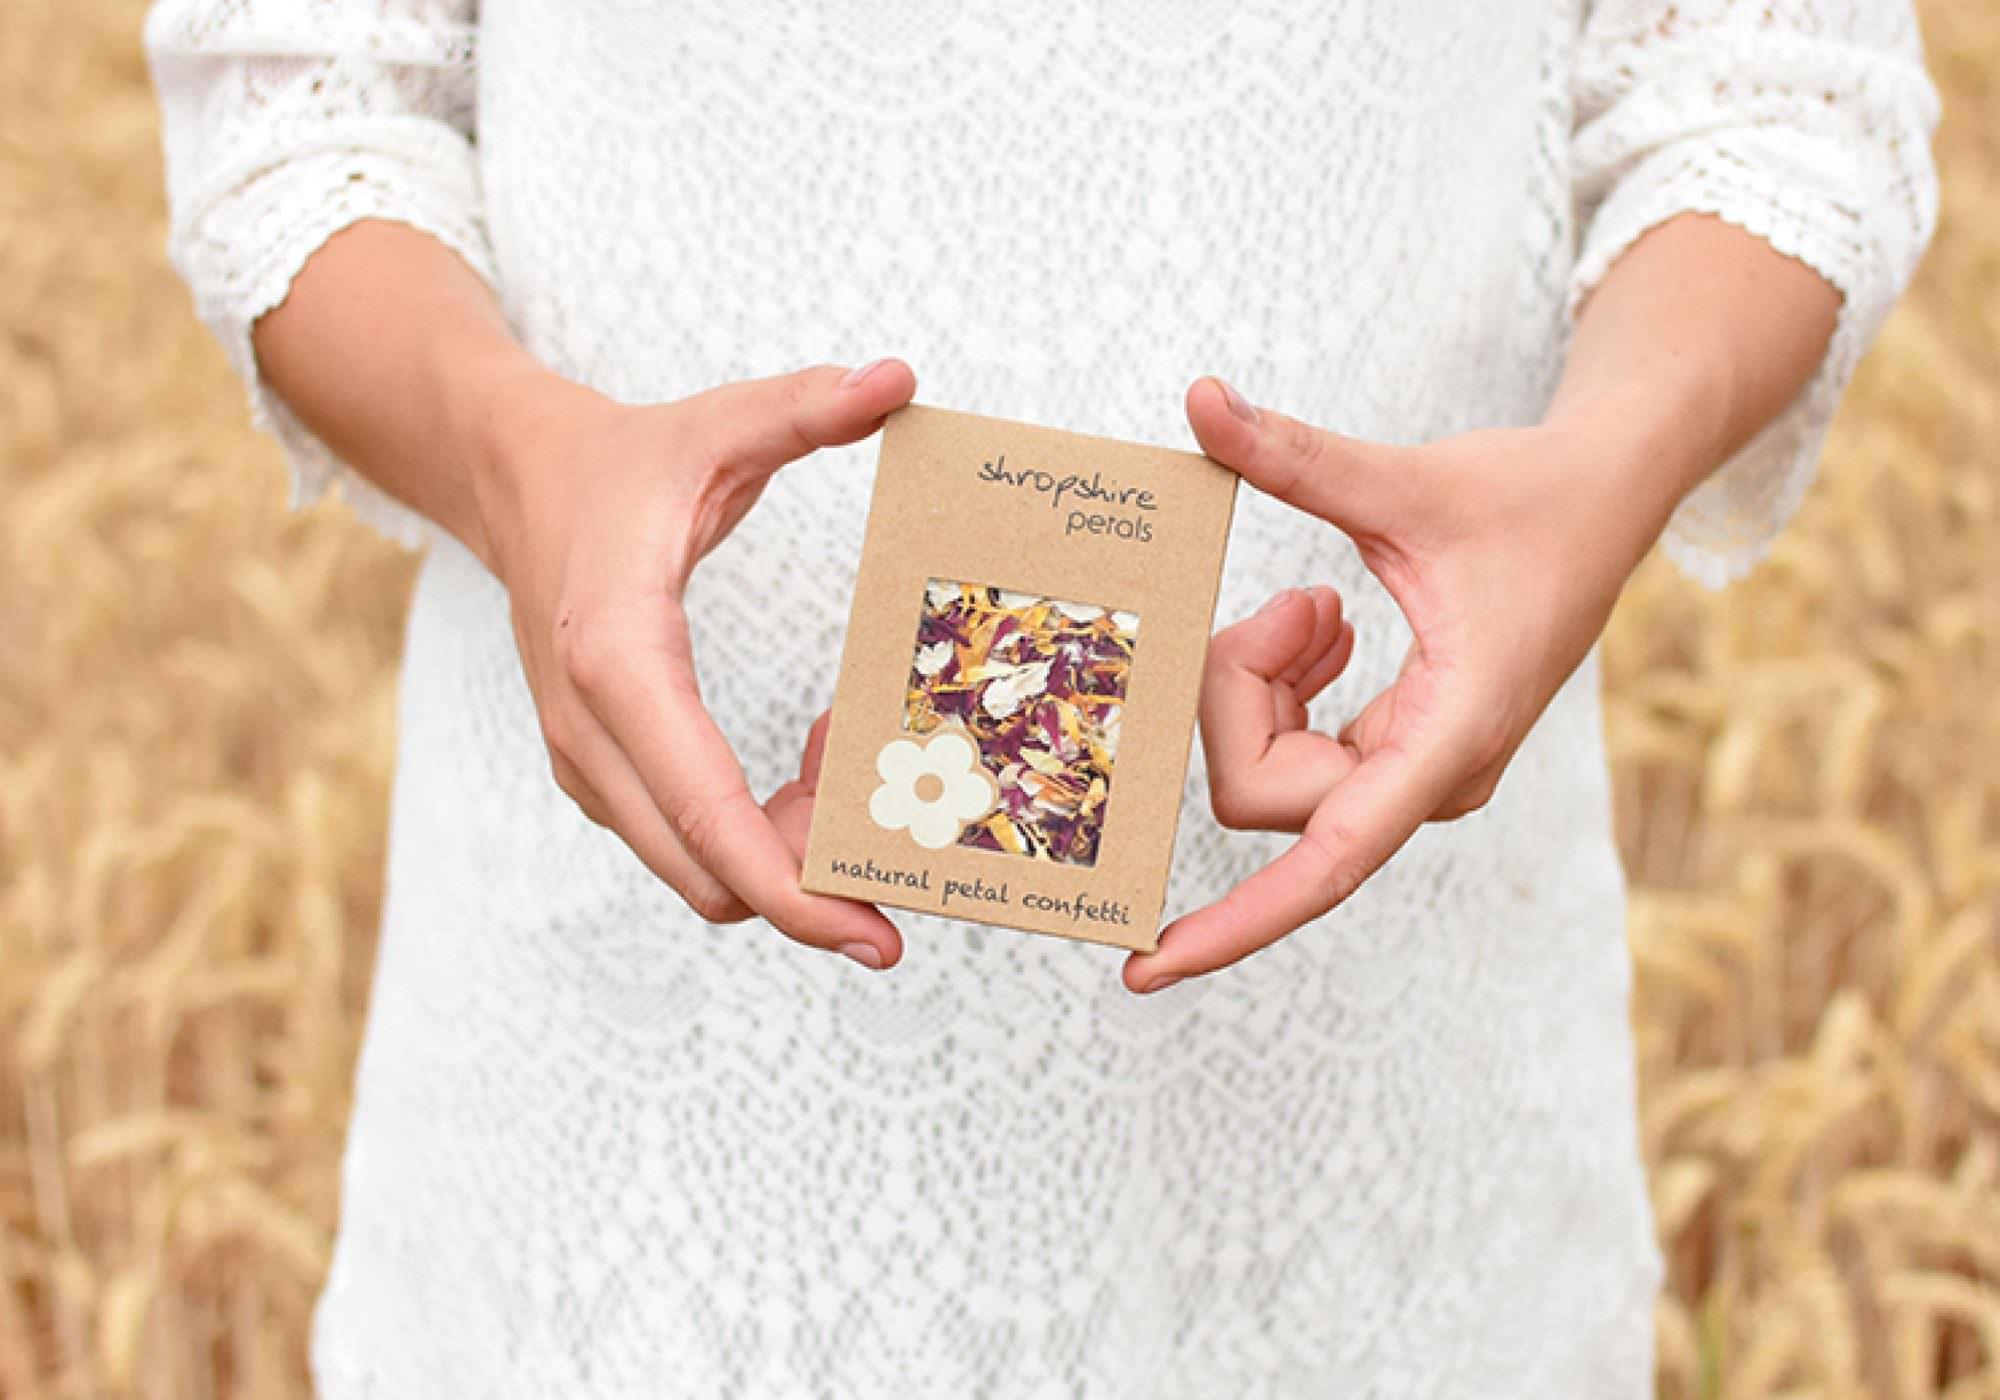 Shropshire Petals - Brand Identity & E-commerce Website, Shropshire